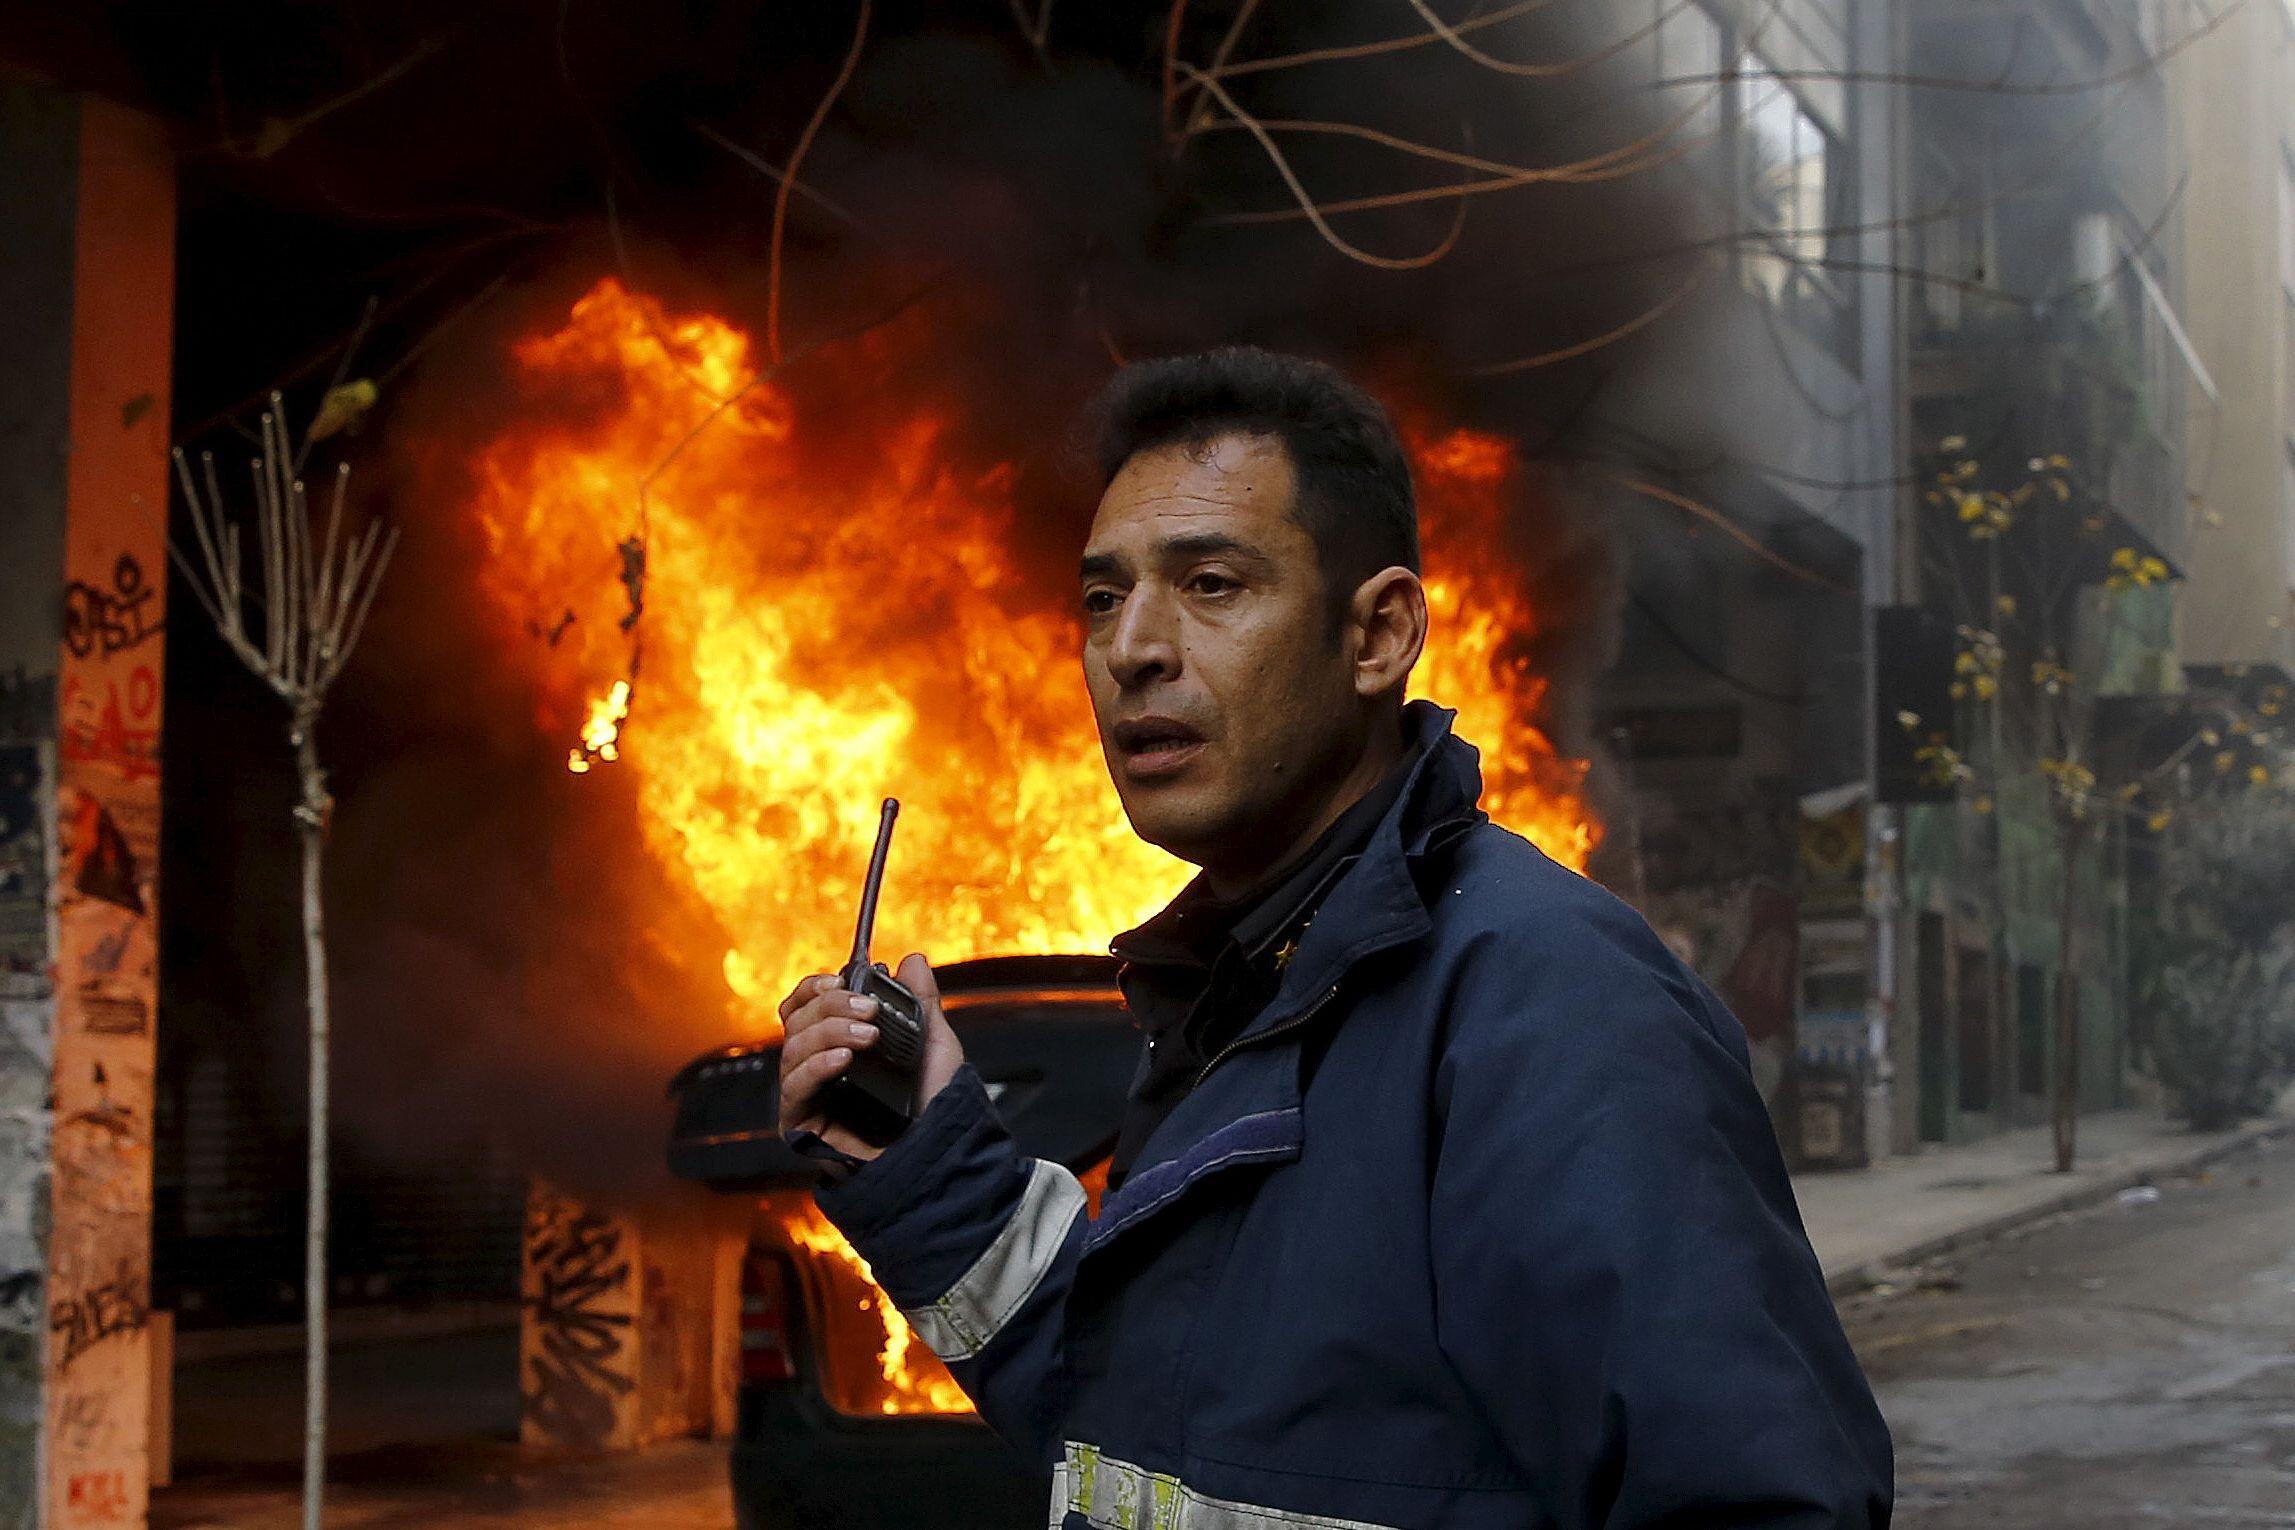 Violência voltou às ruas de Atenas em dia de protesto e greve geral